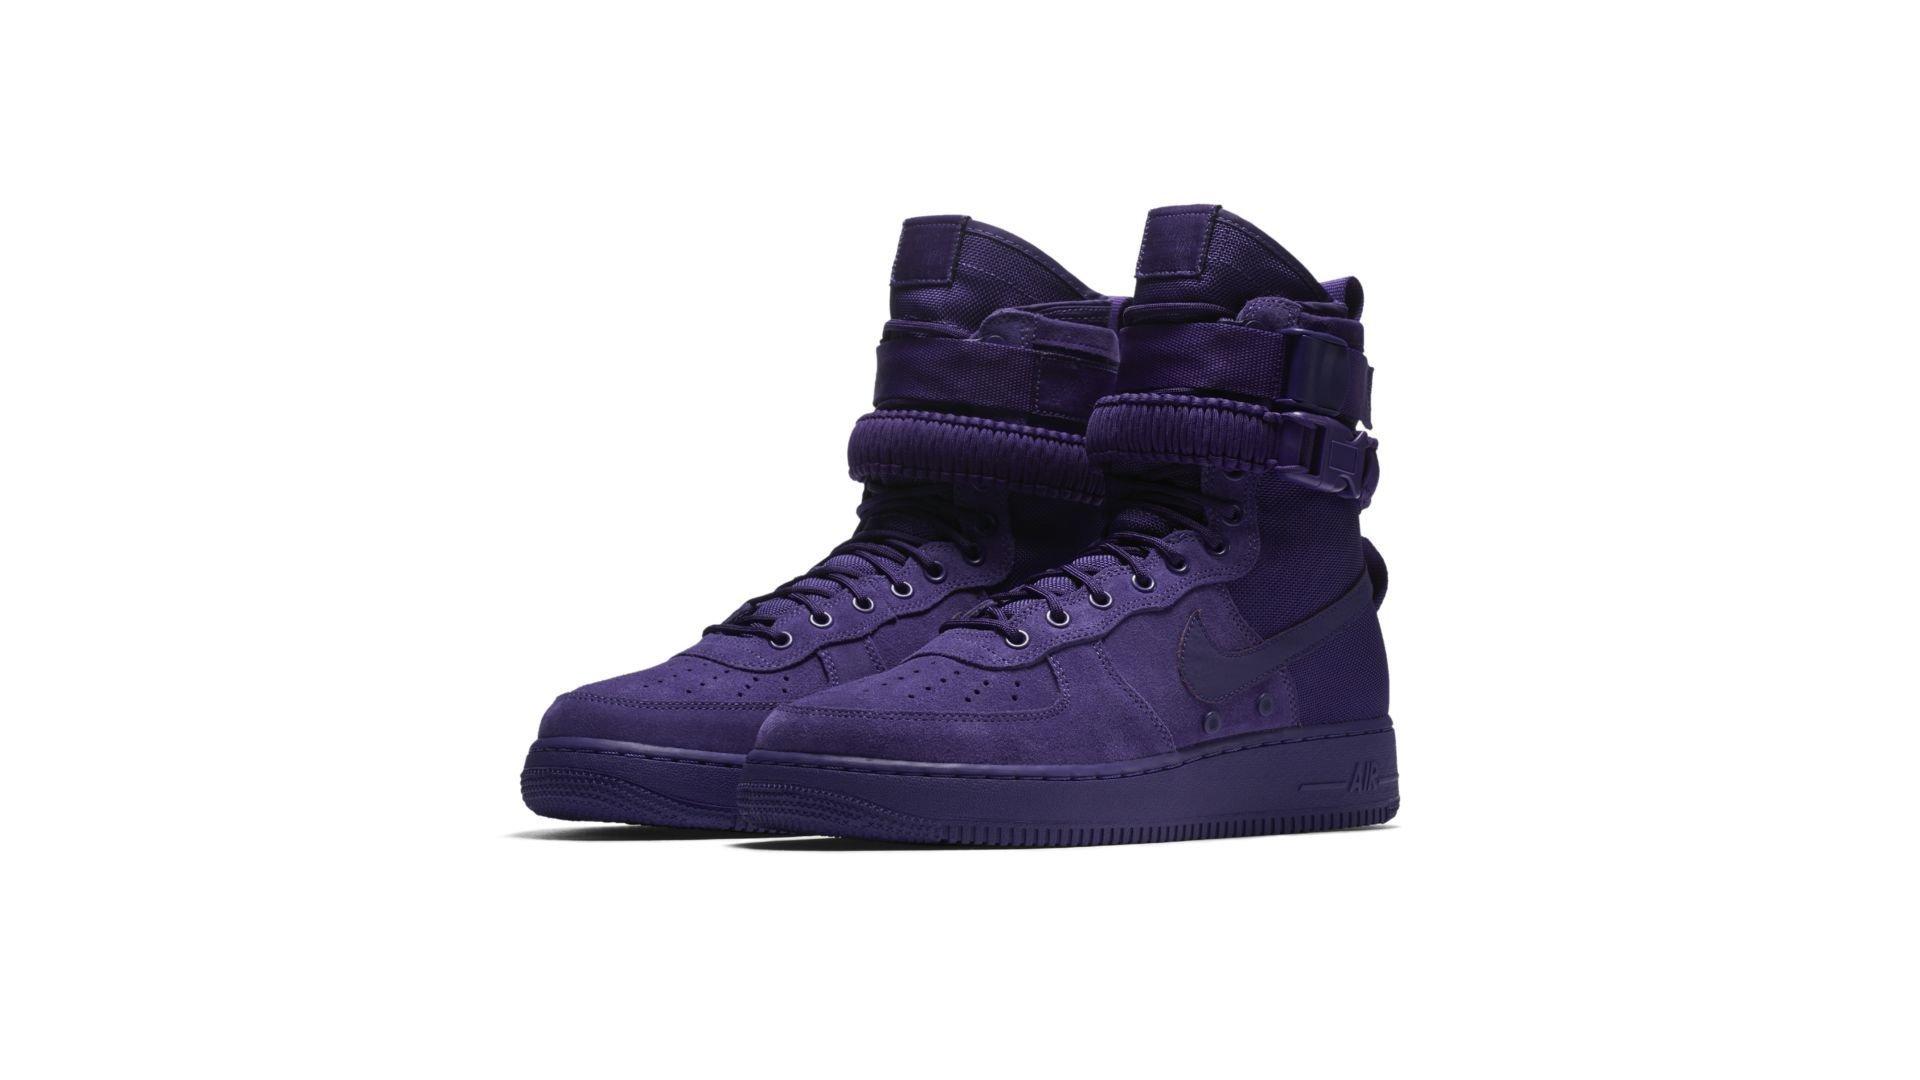 Nike SF Air Force 1 High Court Purple (864024-500)